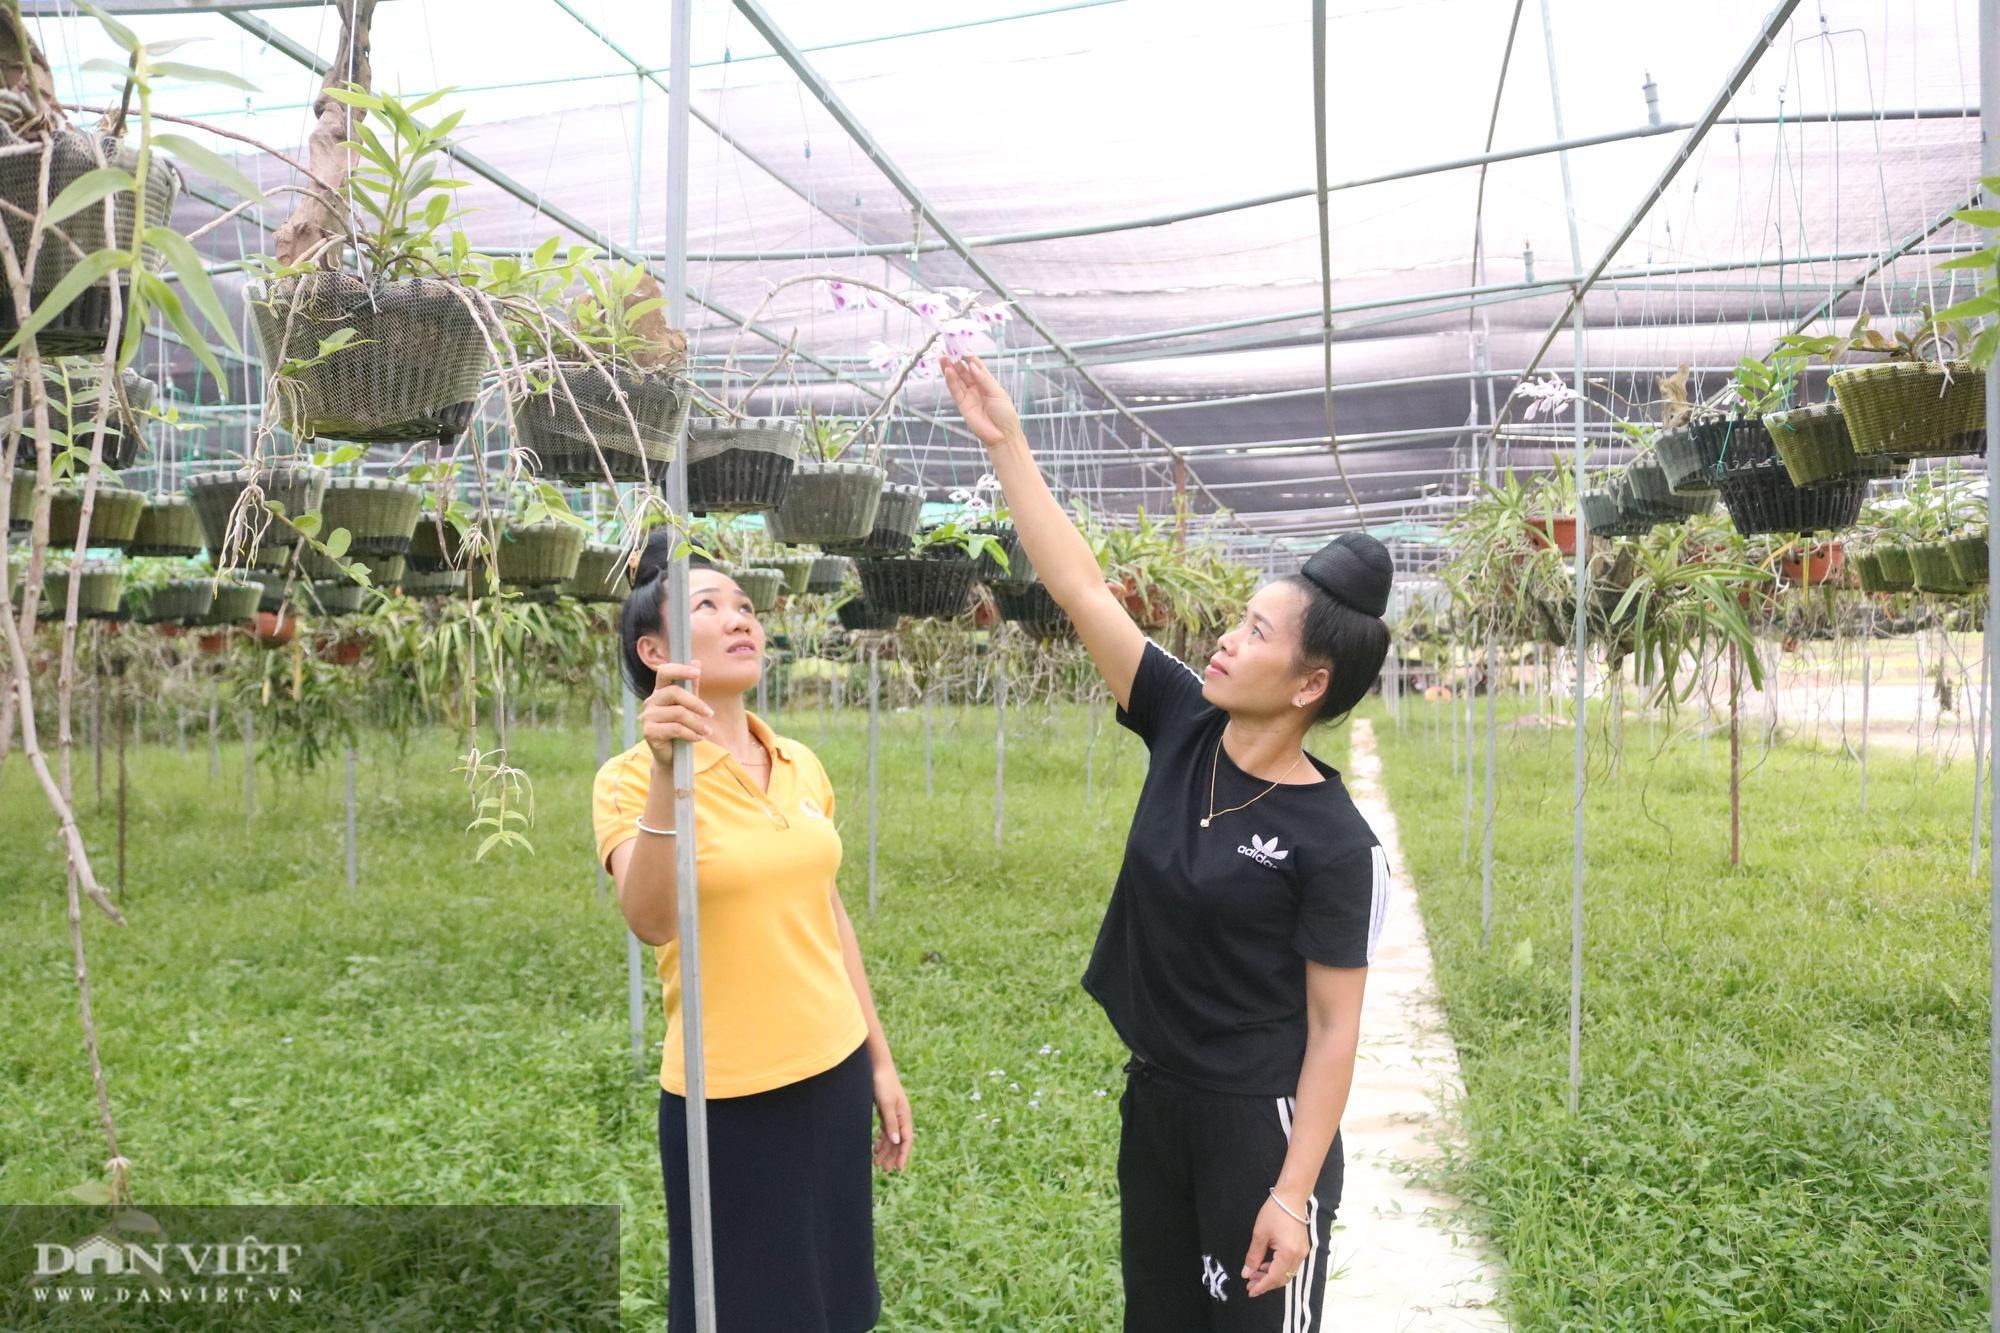 Gái Thái thu hơn 500 triệu đồng mỗi năm từ trồng lan rừng - Ảnh 1.